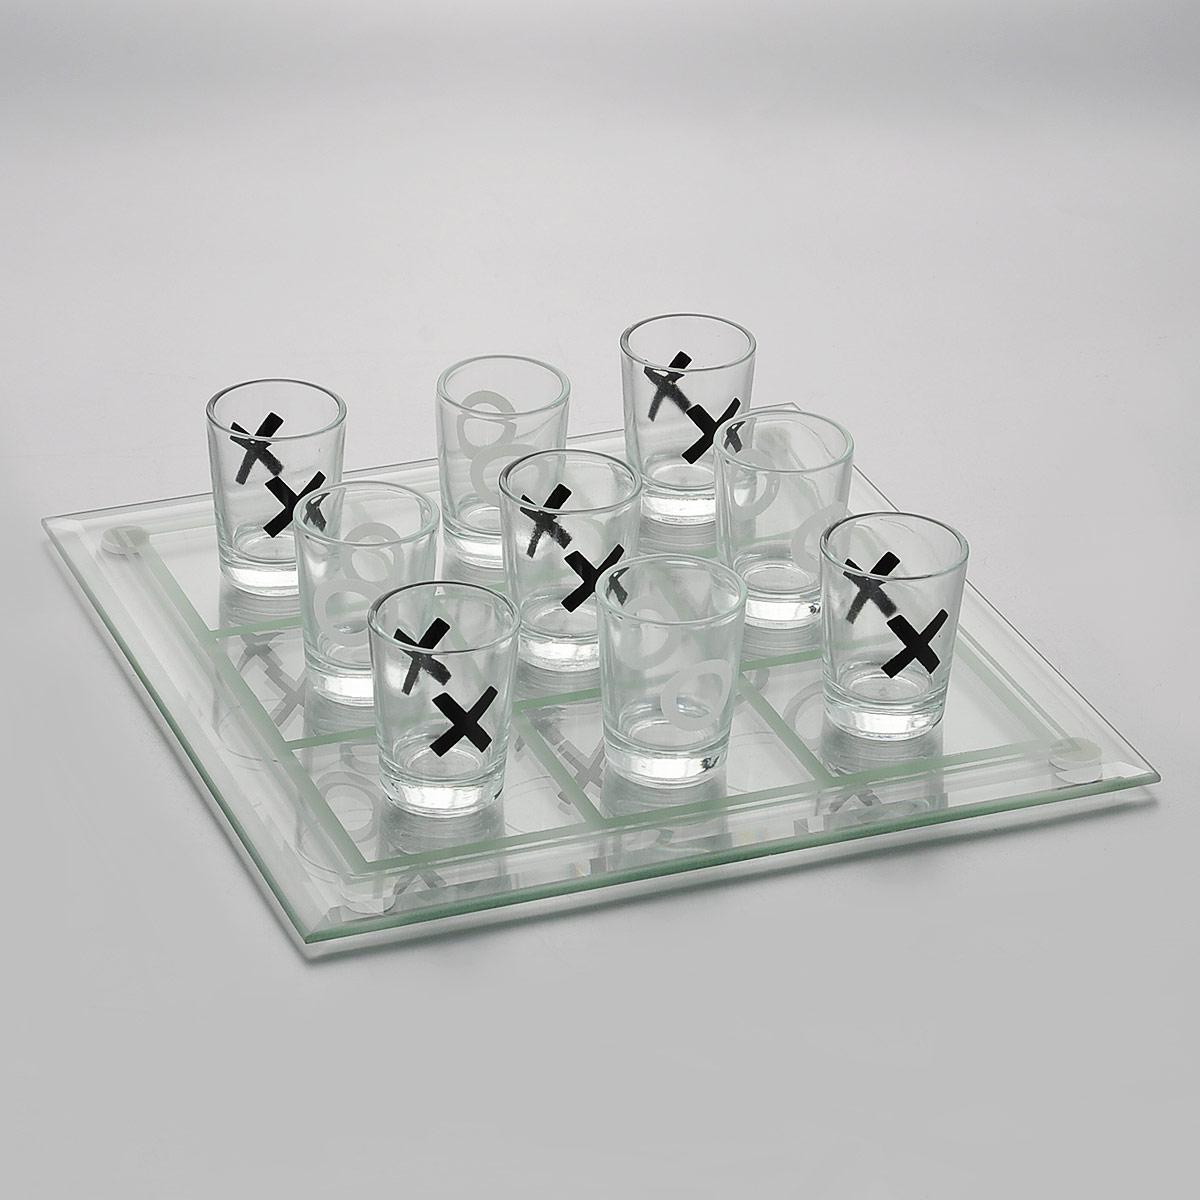 Настольная игра Пьяные крестики-нолики. 3570435704Настольная игра Пьяные крестики-нолики состоит из 9 стеклянных стопок и прозрачного разделенного на клеточки поля. Стопки оформлены изображением крестиков и ноликов. Этот набор станет занимательным подарком и украшением интерьера, который поможет отметить не только победу, но и каждый удачный ход. Удивительная находка, которая разнообразит вашу вечеринку и развеселит гостей. Теперь на любой вечеринке можно совместить интеллектуальную игру с весельем.